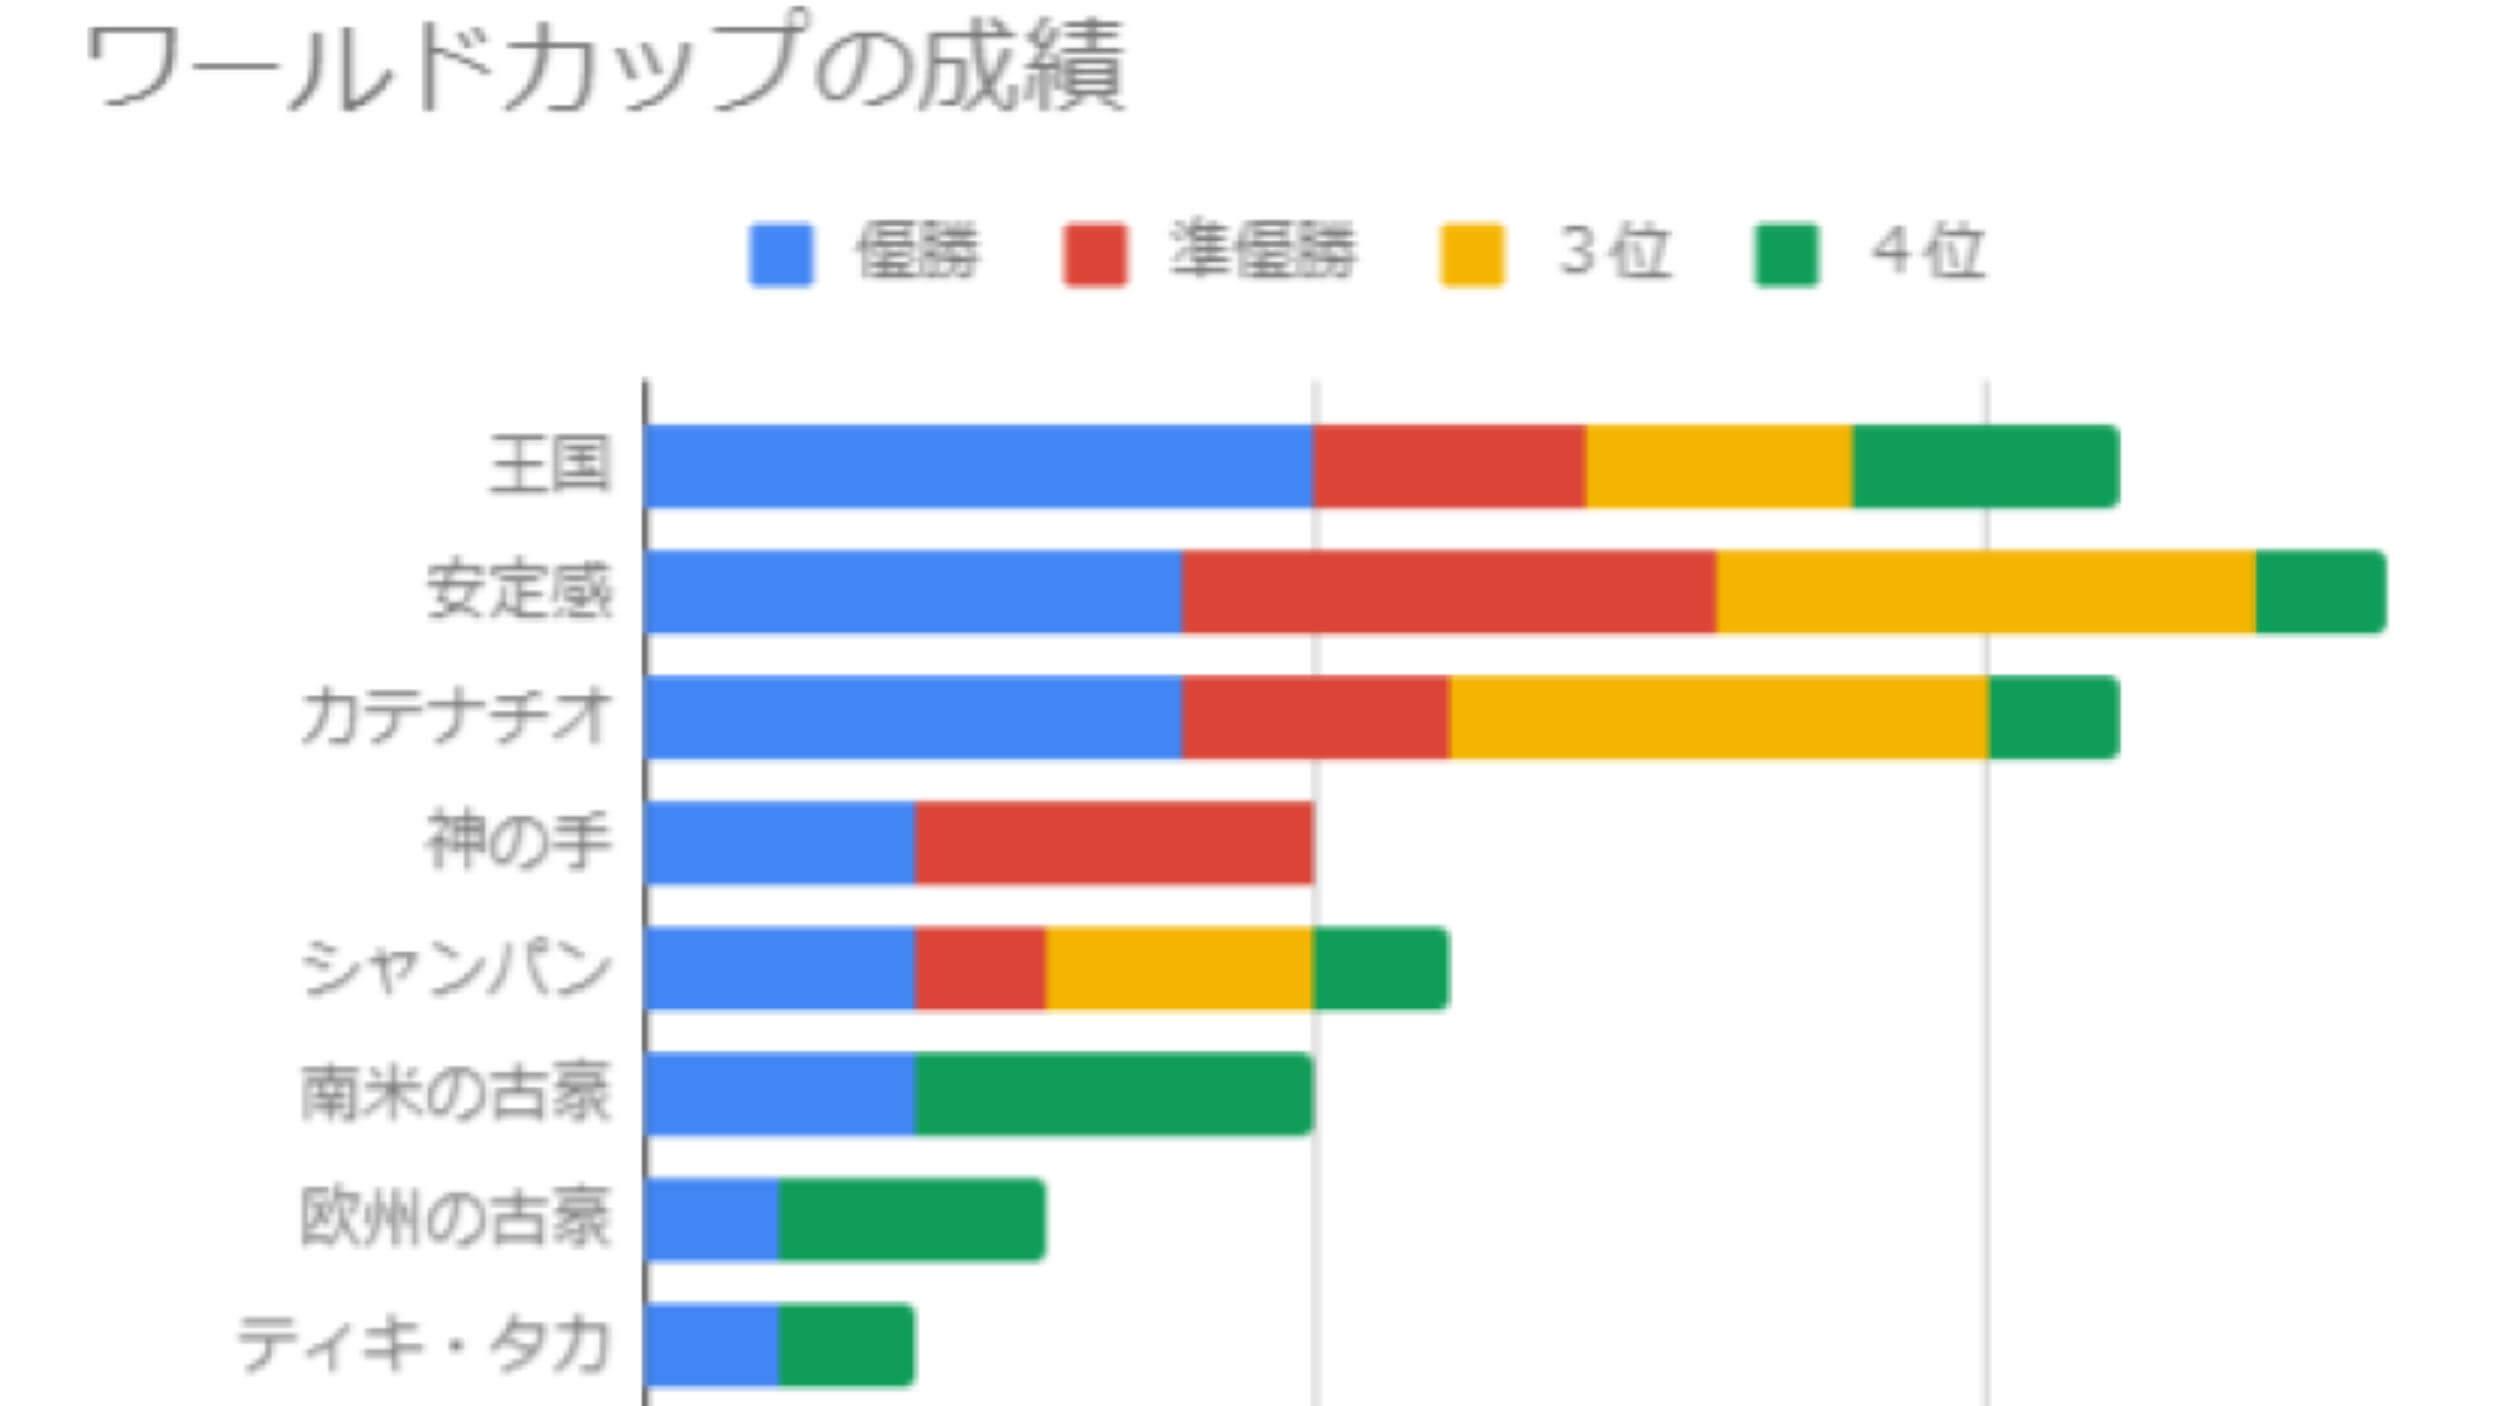 ワールドカップの成績を示した棒グラフ